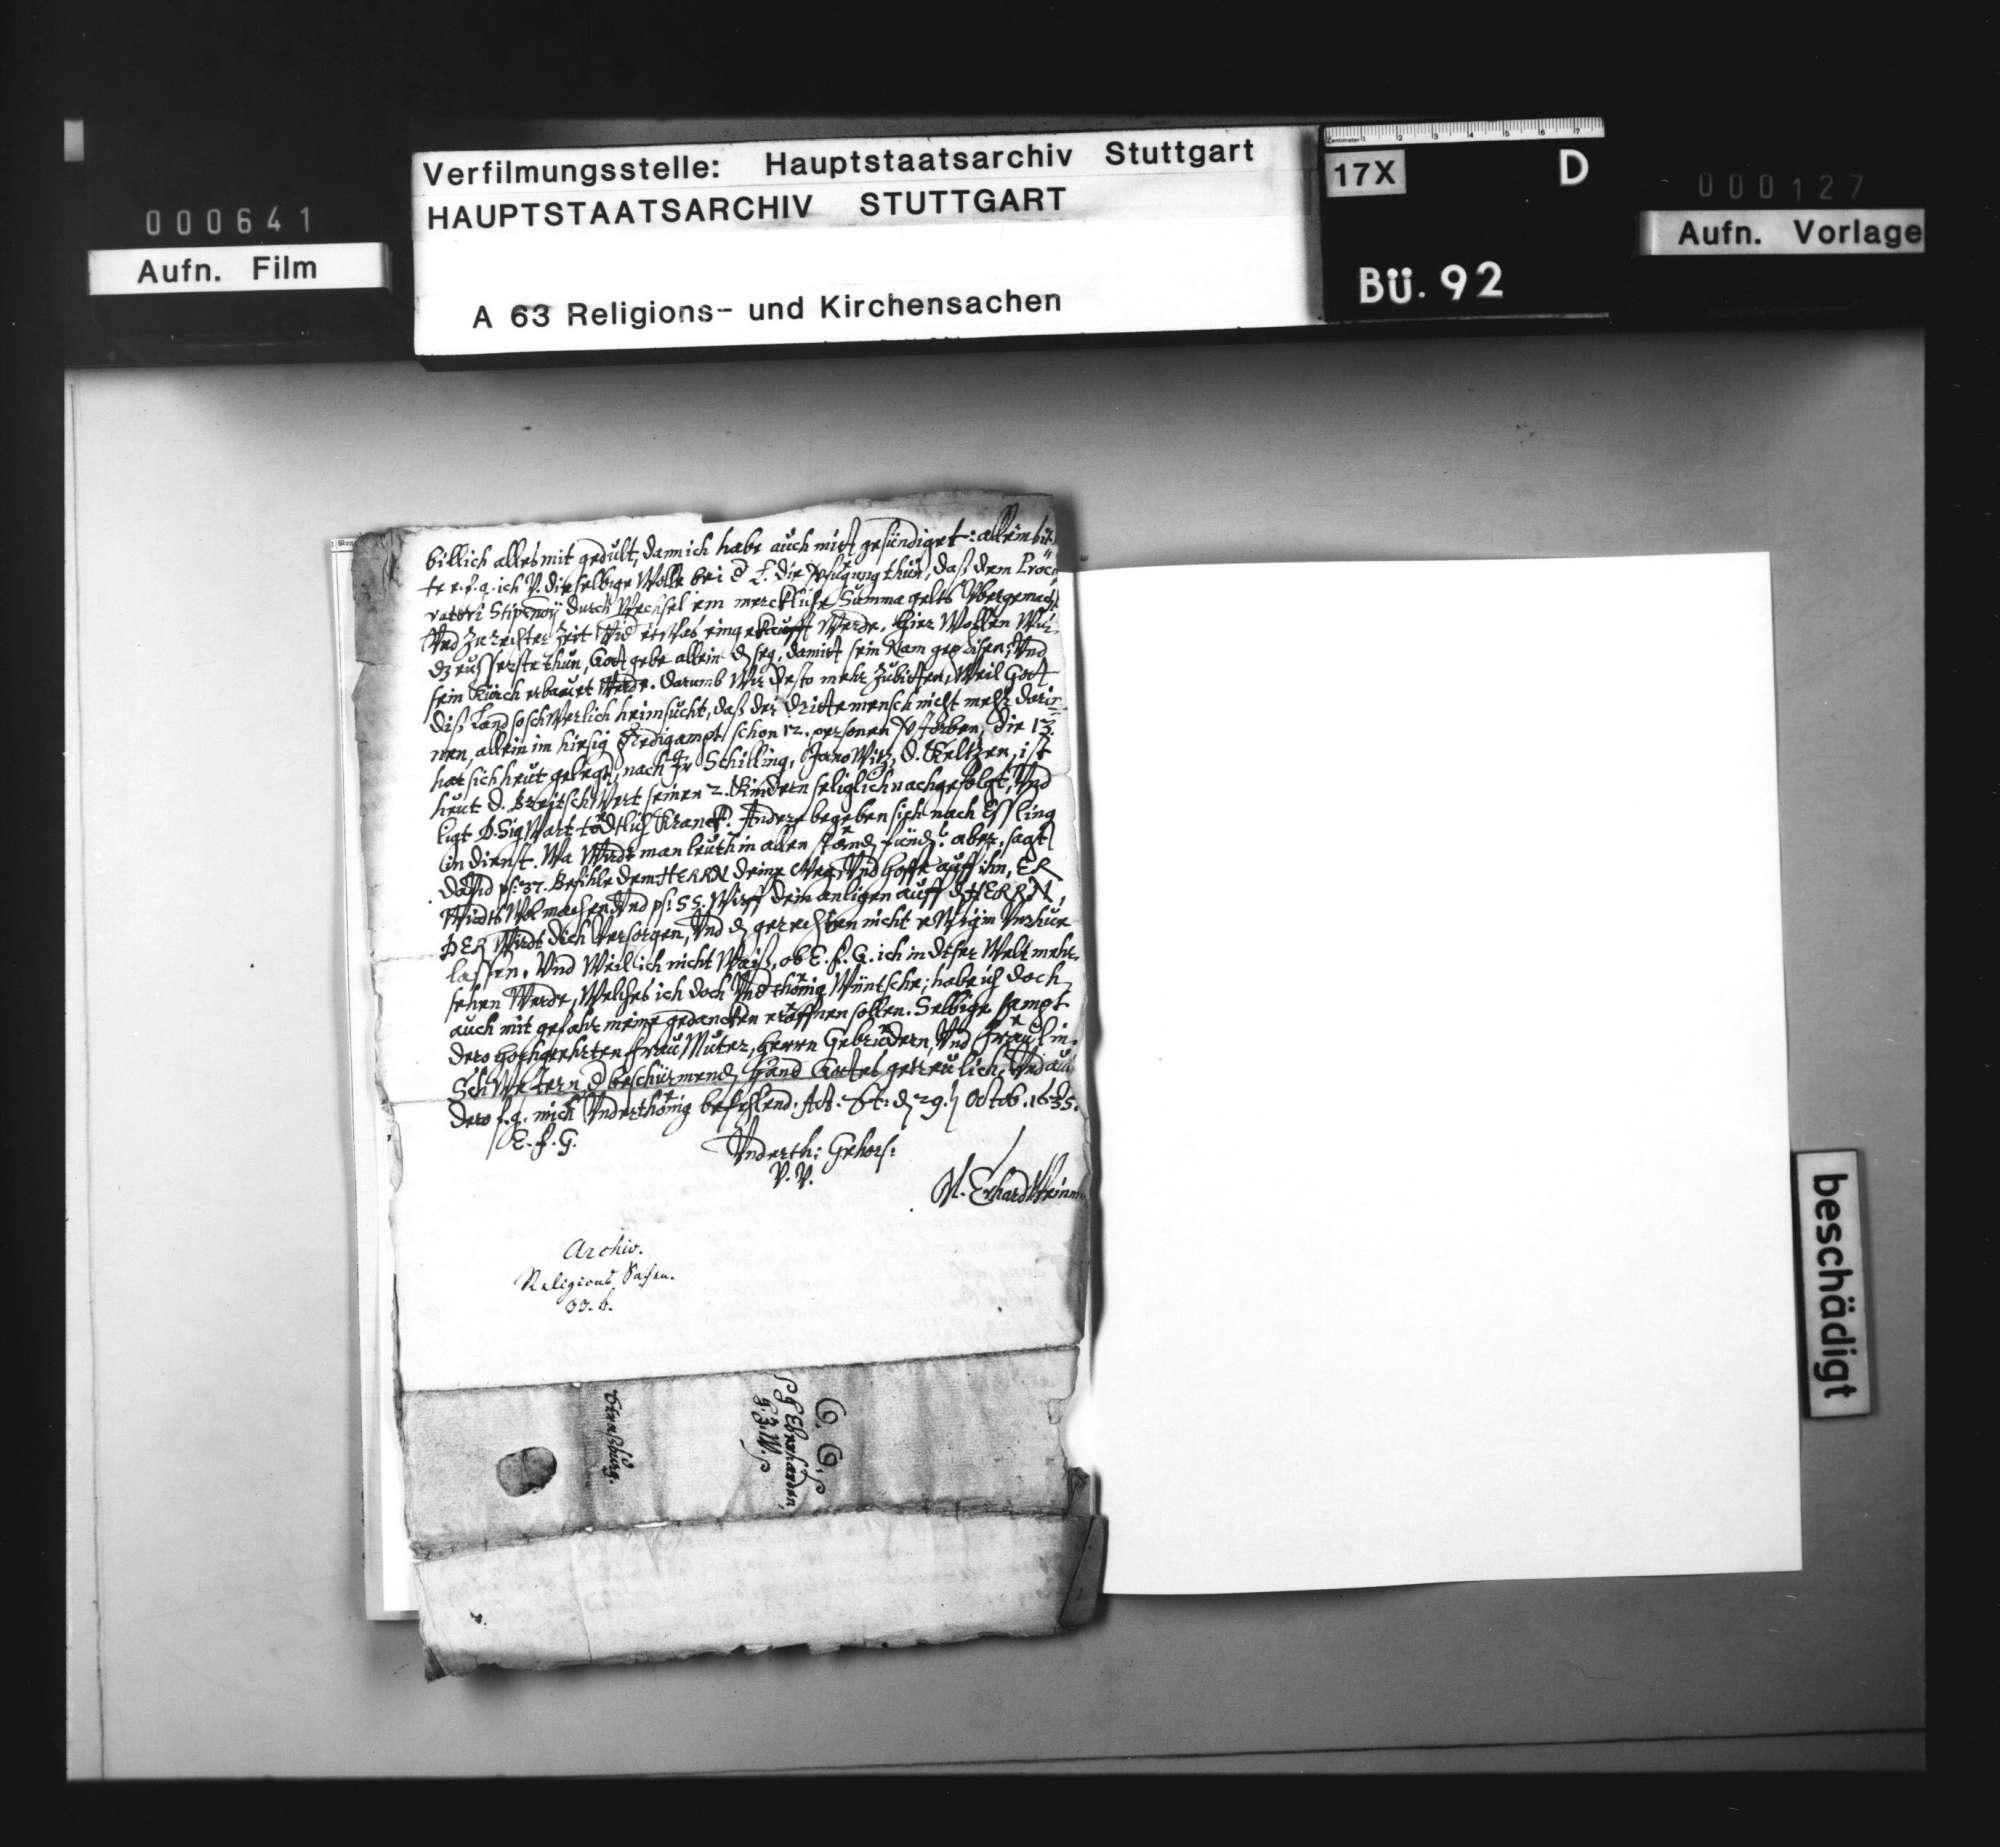 Schreiben des Konsistorialrats Erhard Weinmann an Herzog Eberhard III. von Württemberg in Straßburg über die kirchliche Not und den Mangel an Theologen., Bild 3